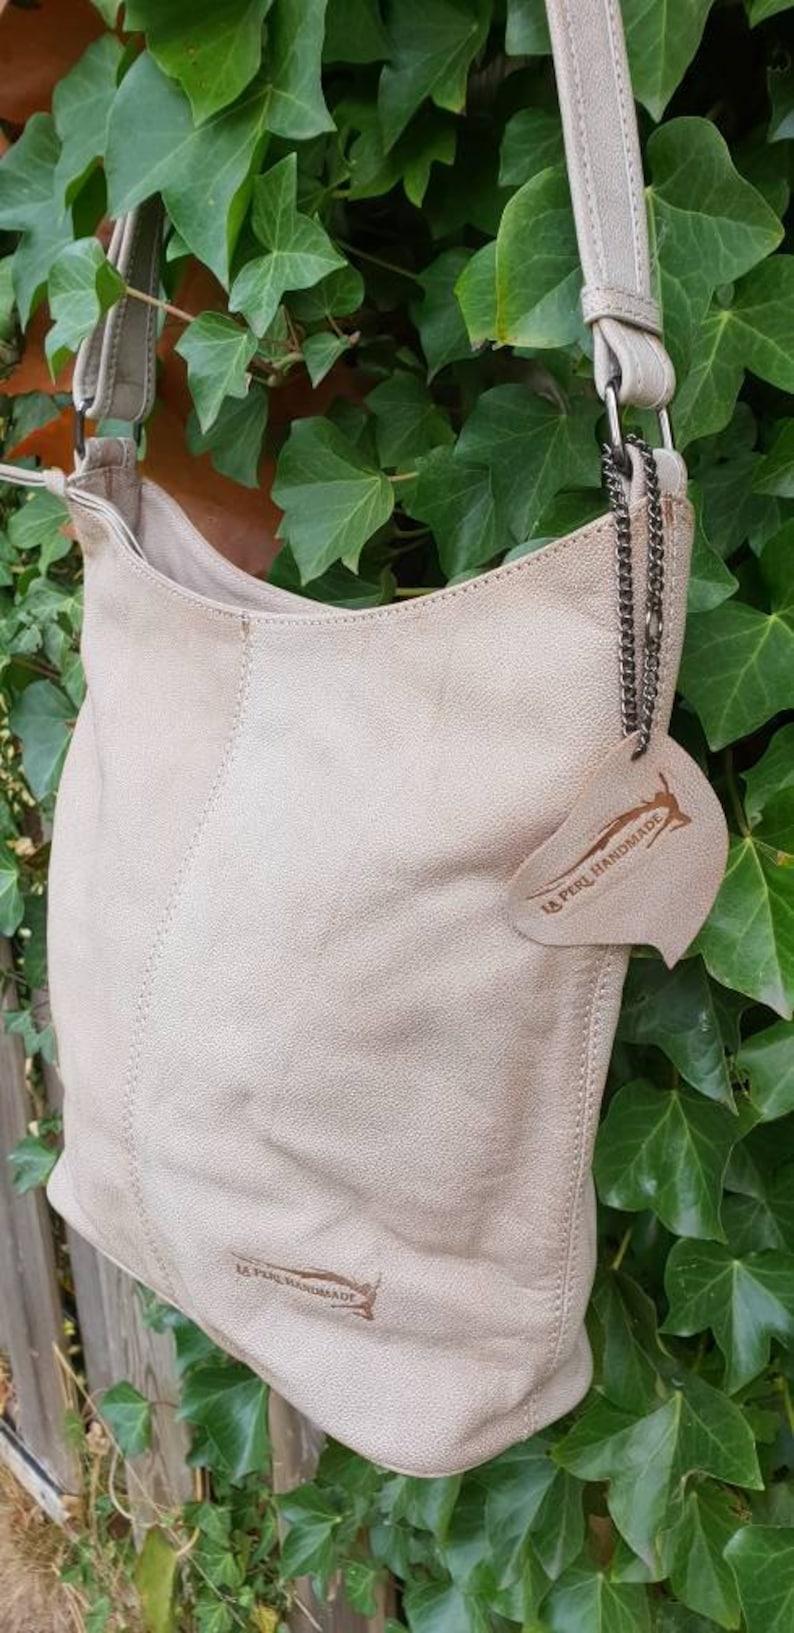 Eco-Suede leather fashionableshopperLeatherbagHandmadebagSuedbag